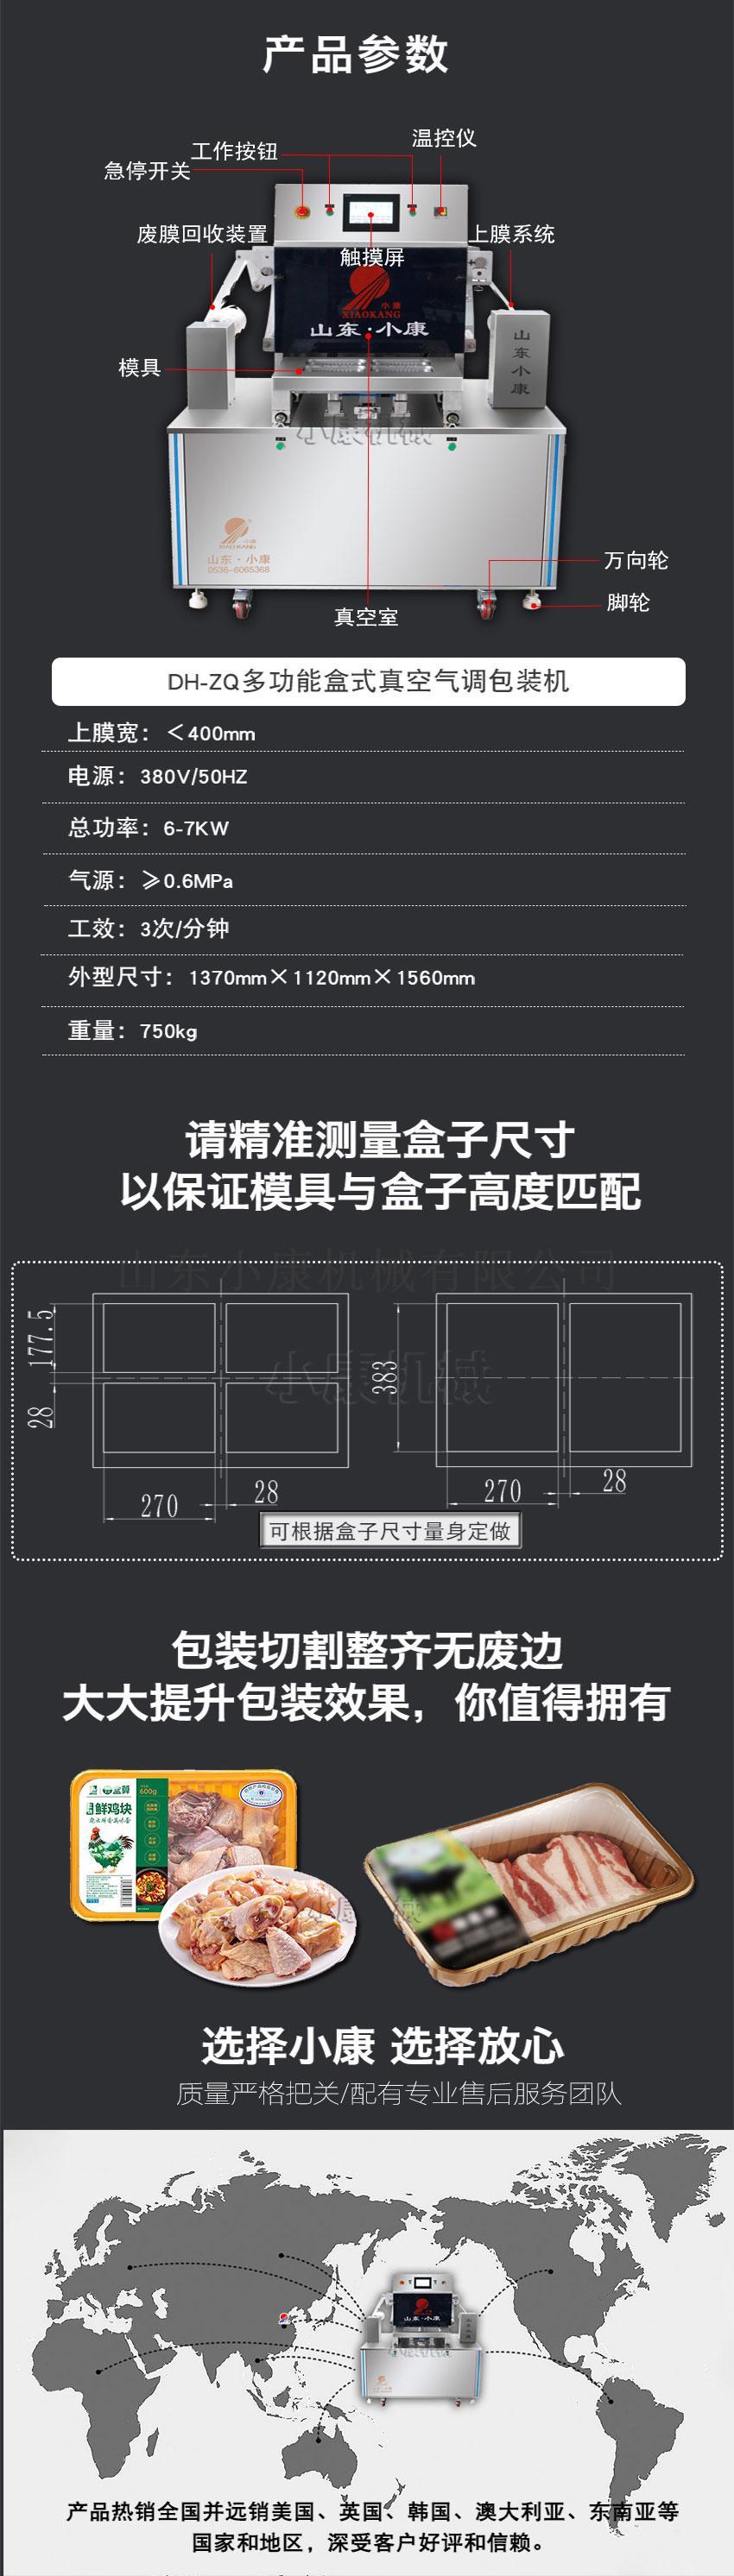 瓜果真空气调包装机,厂家直销小立式真空气调包装机124563262